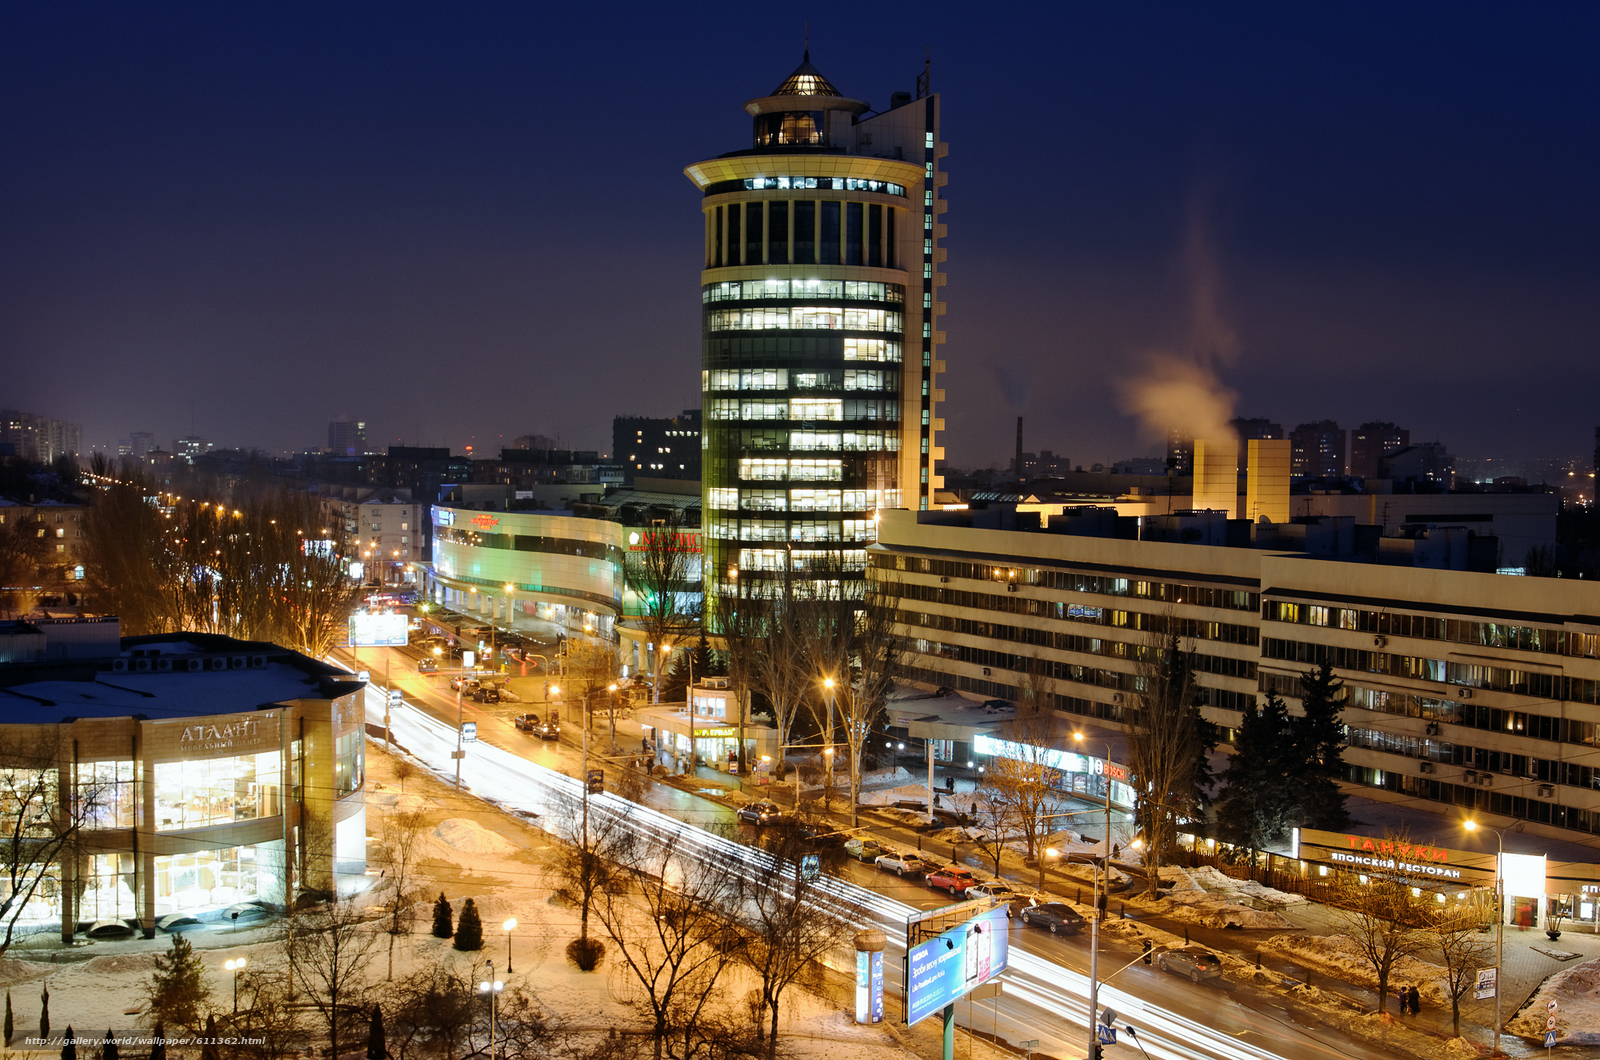 pobra tapety Novorossia,  Donieck,  Donbass,  miasto Darmowe tapety na pulpit rozdzielczoci 2000x1325 — zdjcie №611362